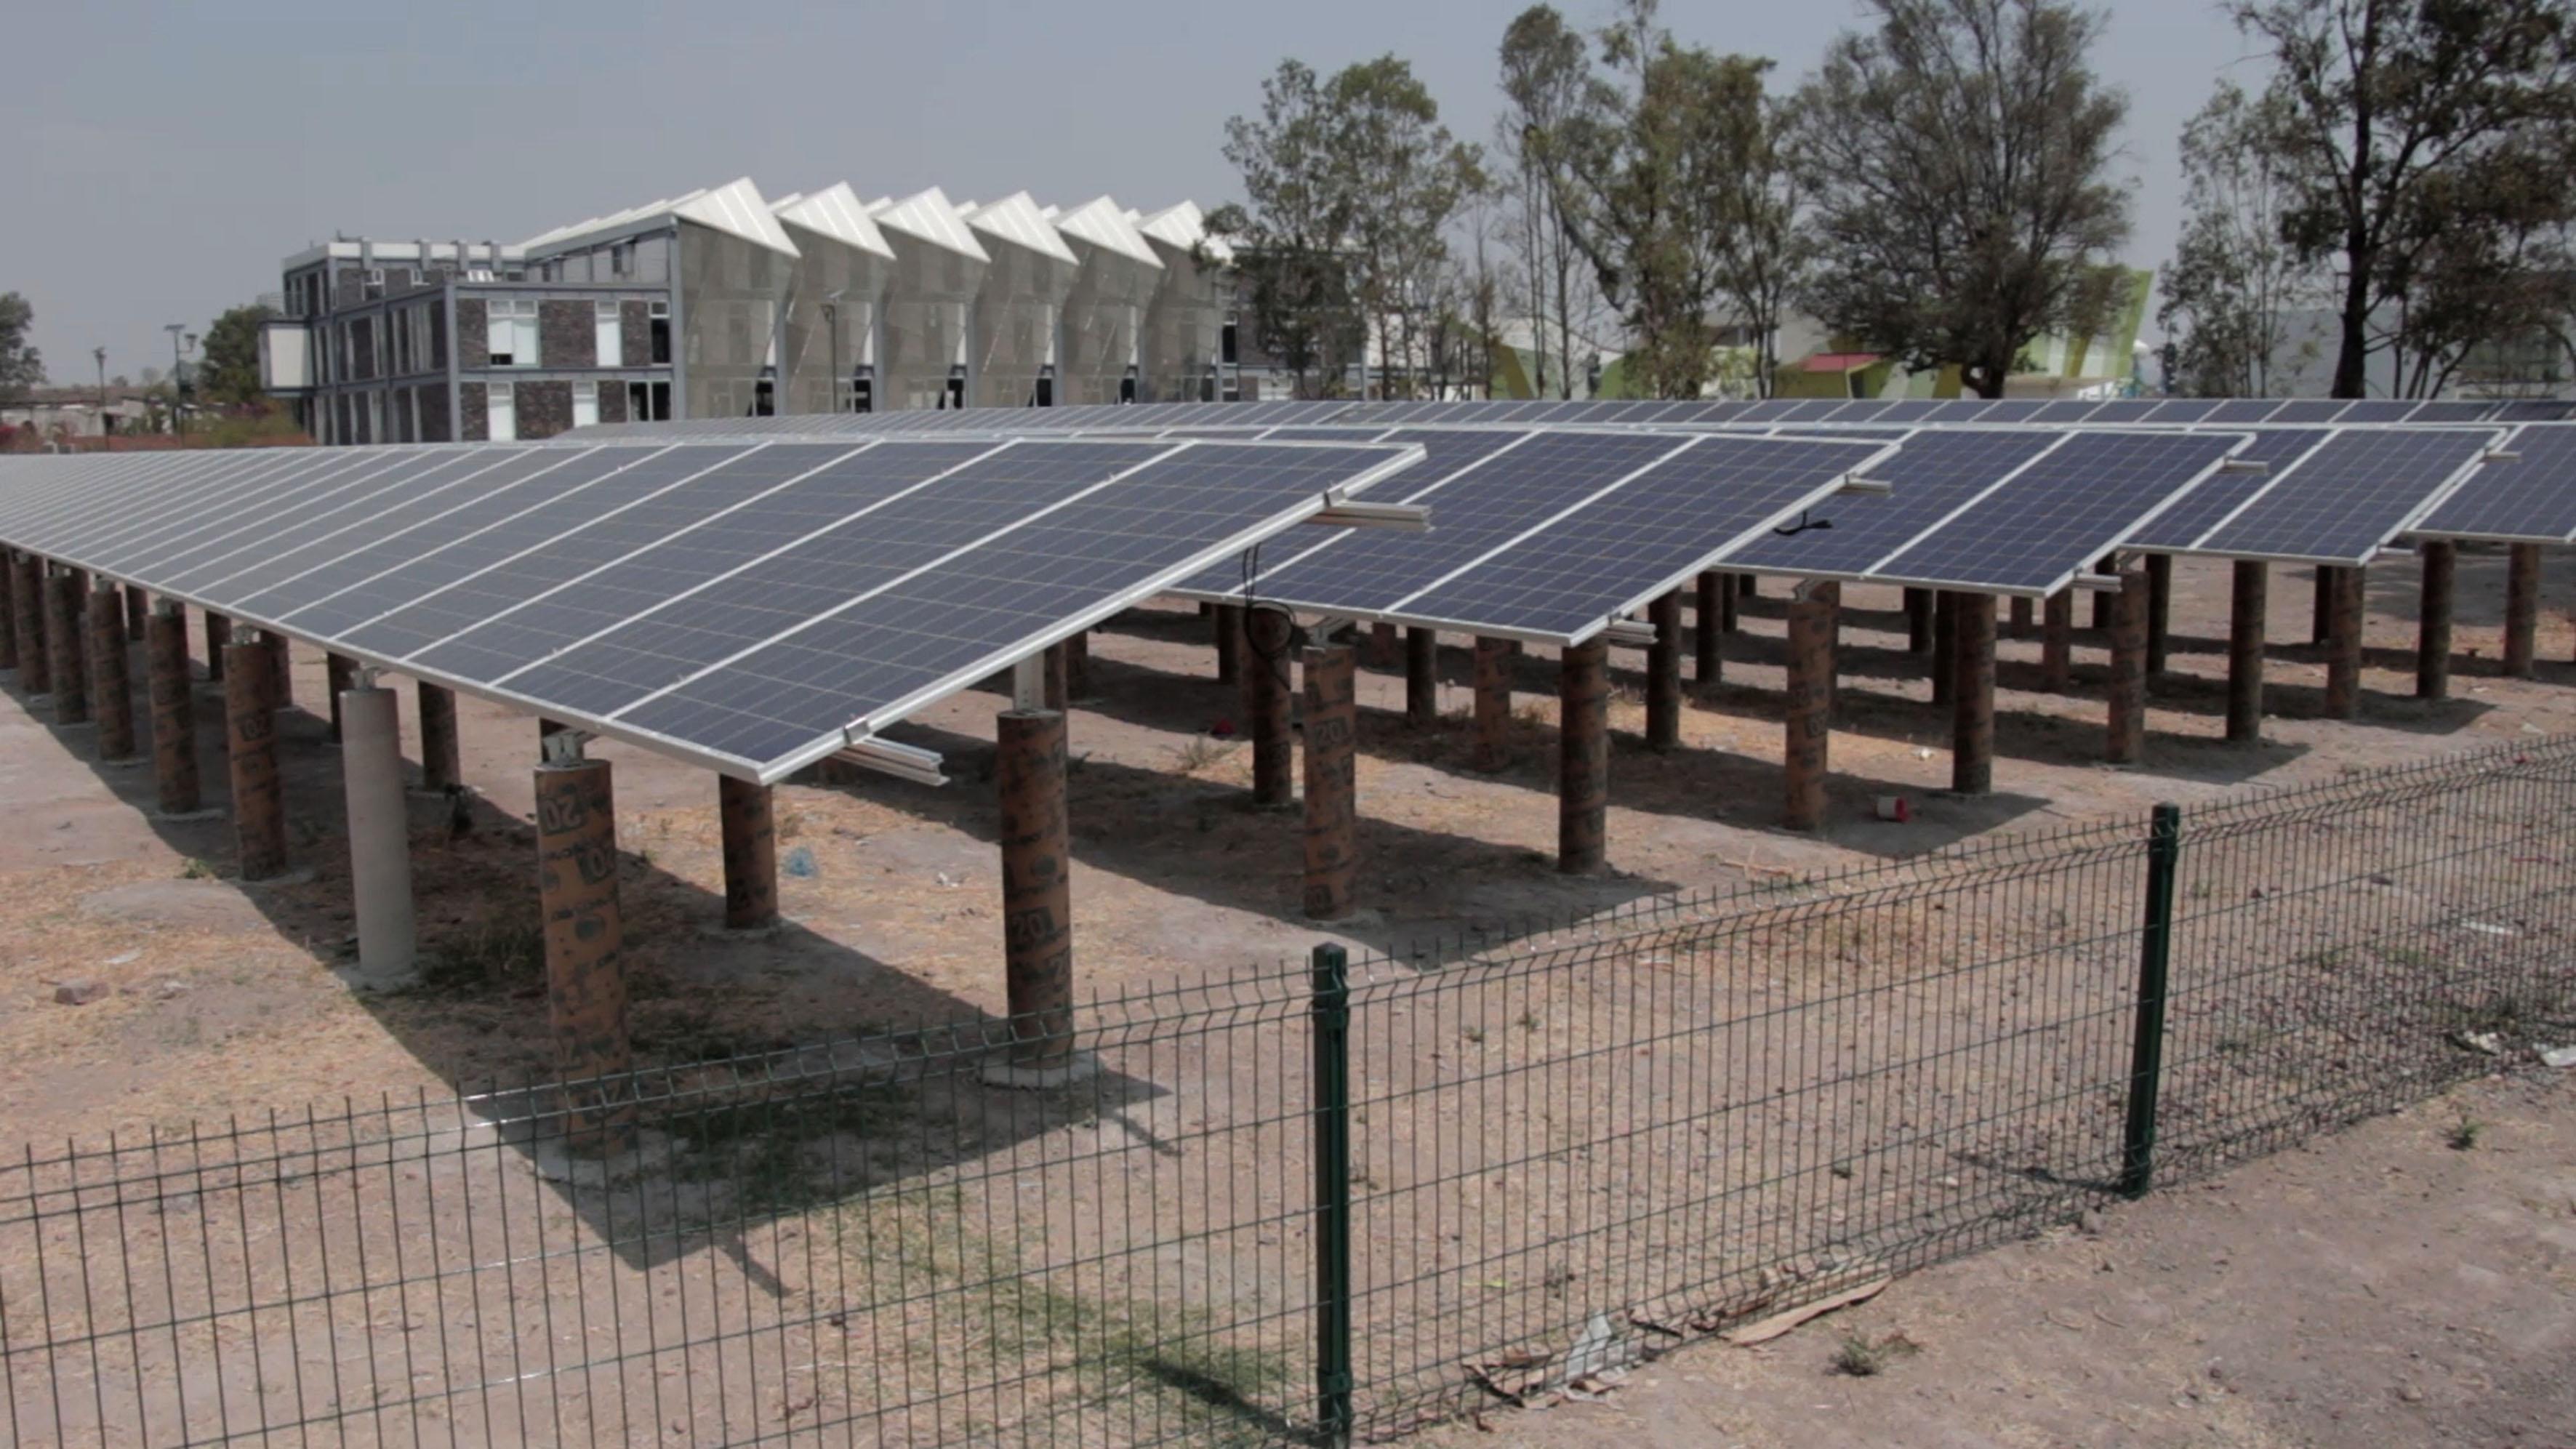 Obra en proceso de la instalación del primer huerto solar por la Universidad de Guadalajara, en el marco del Programa Universitario Integral de Transición Energética (PUITE).